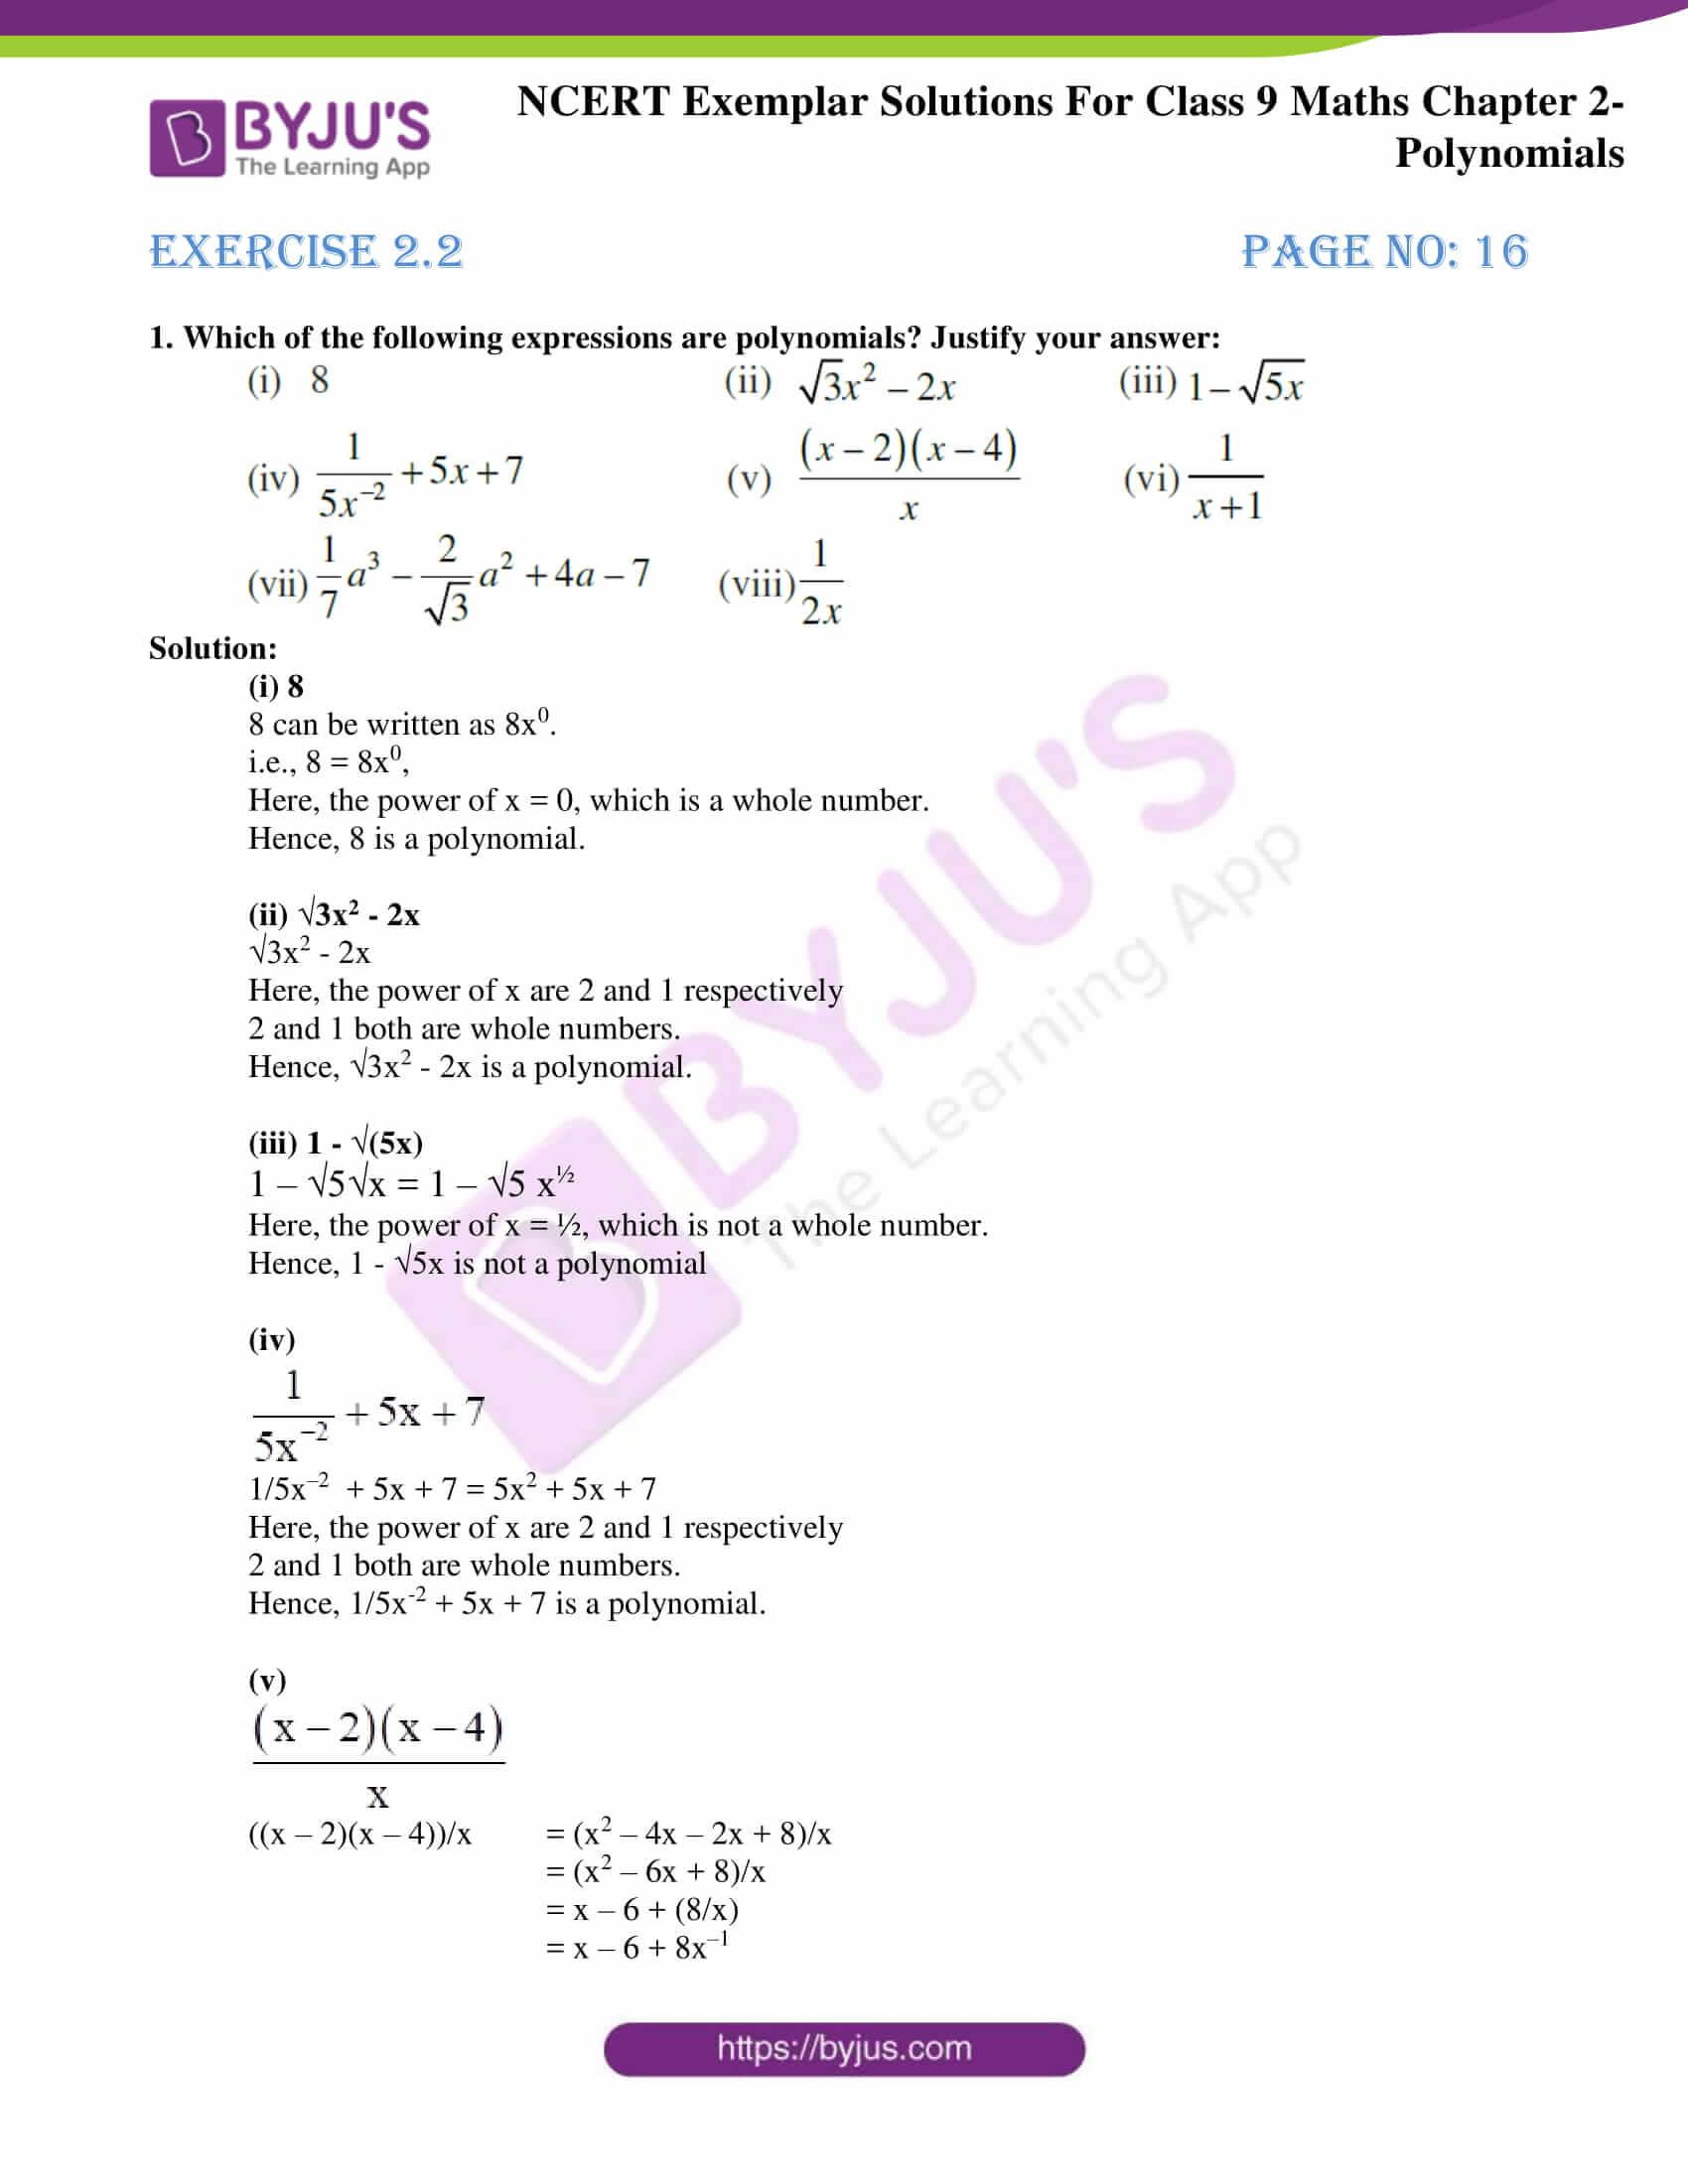 NCERT Exemplar Solutions for Class 9 Maths Chapter 2 06